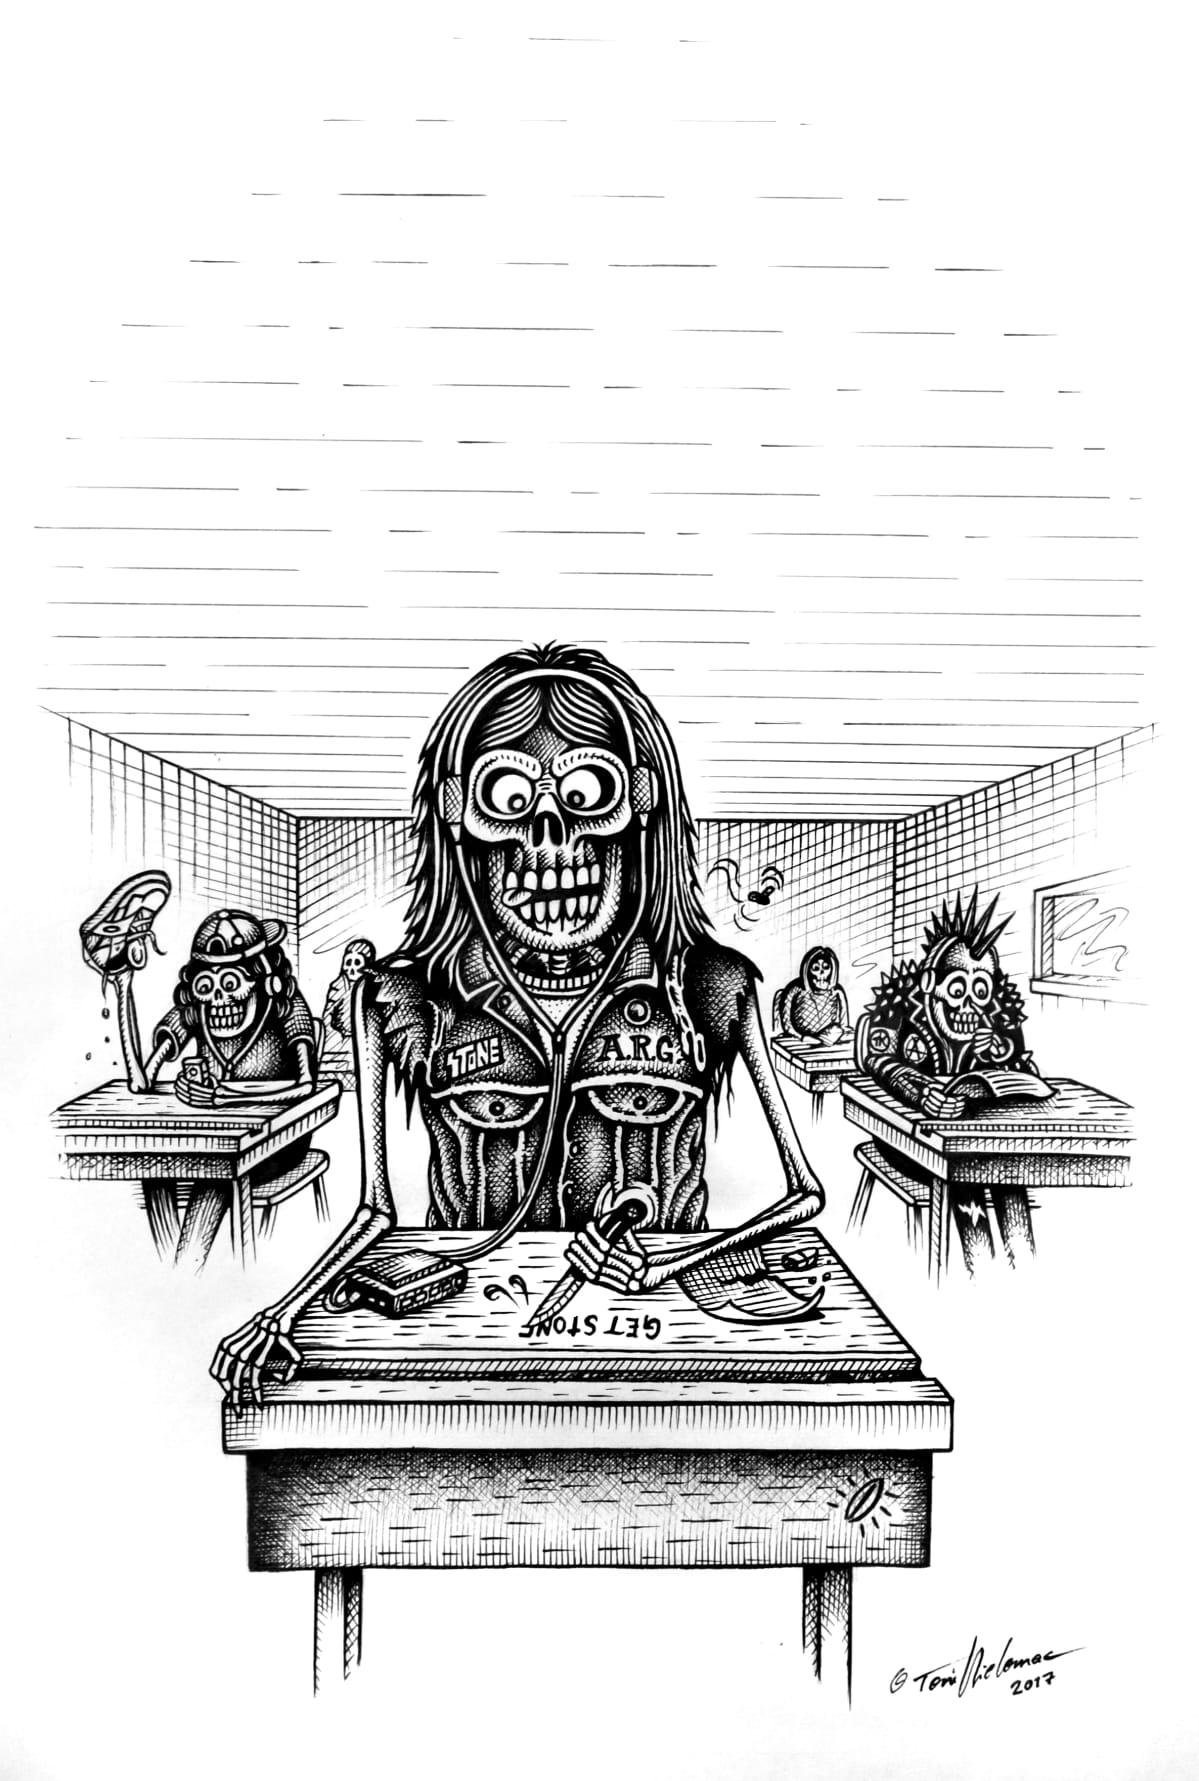 Rotting Ways to Misery, death metal, Toni Hietomaa